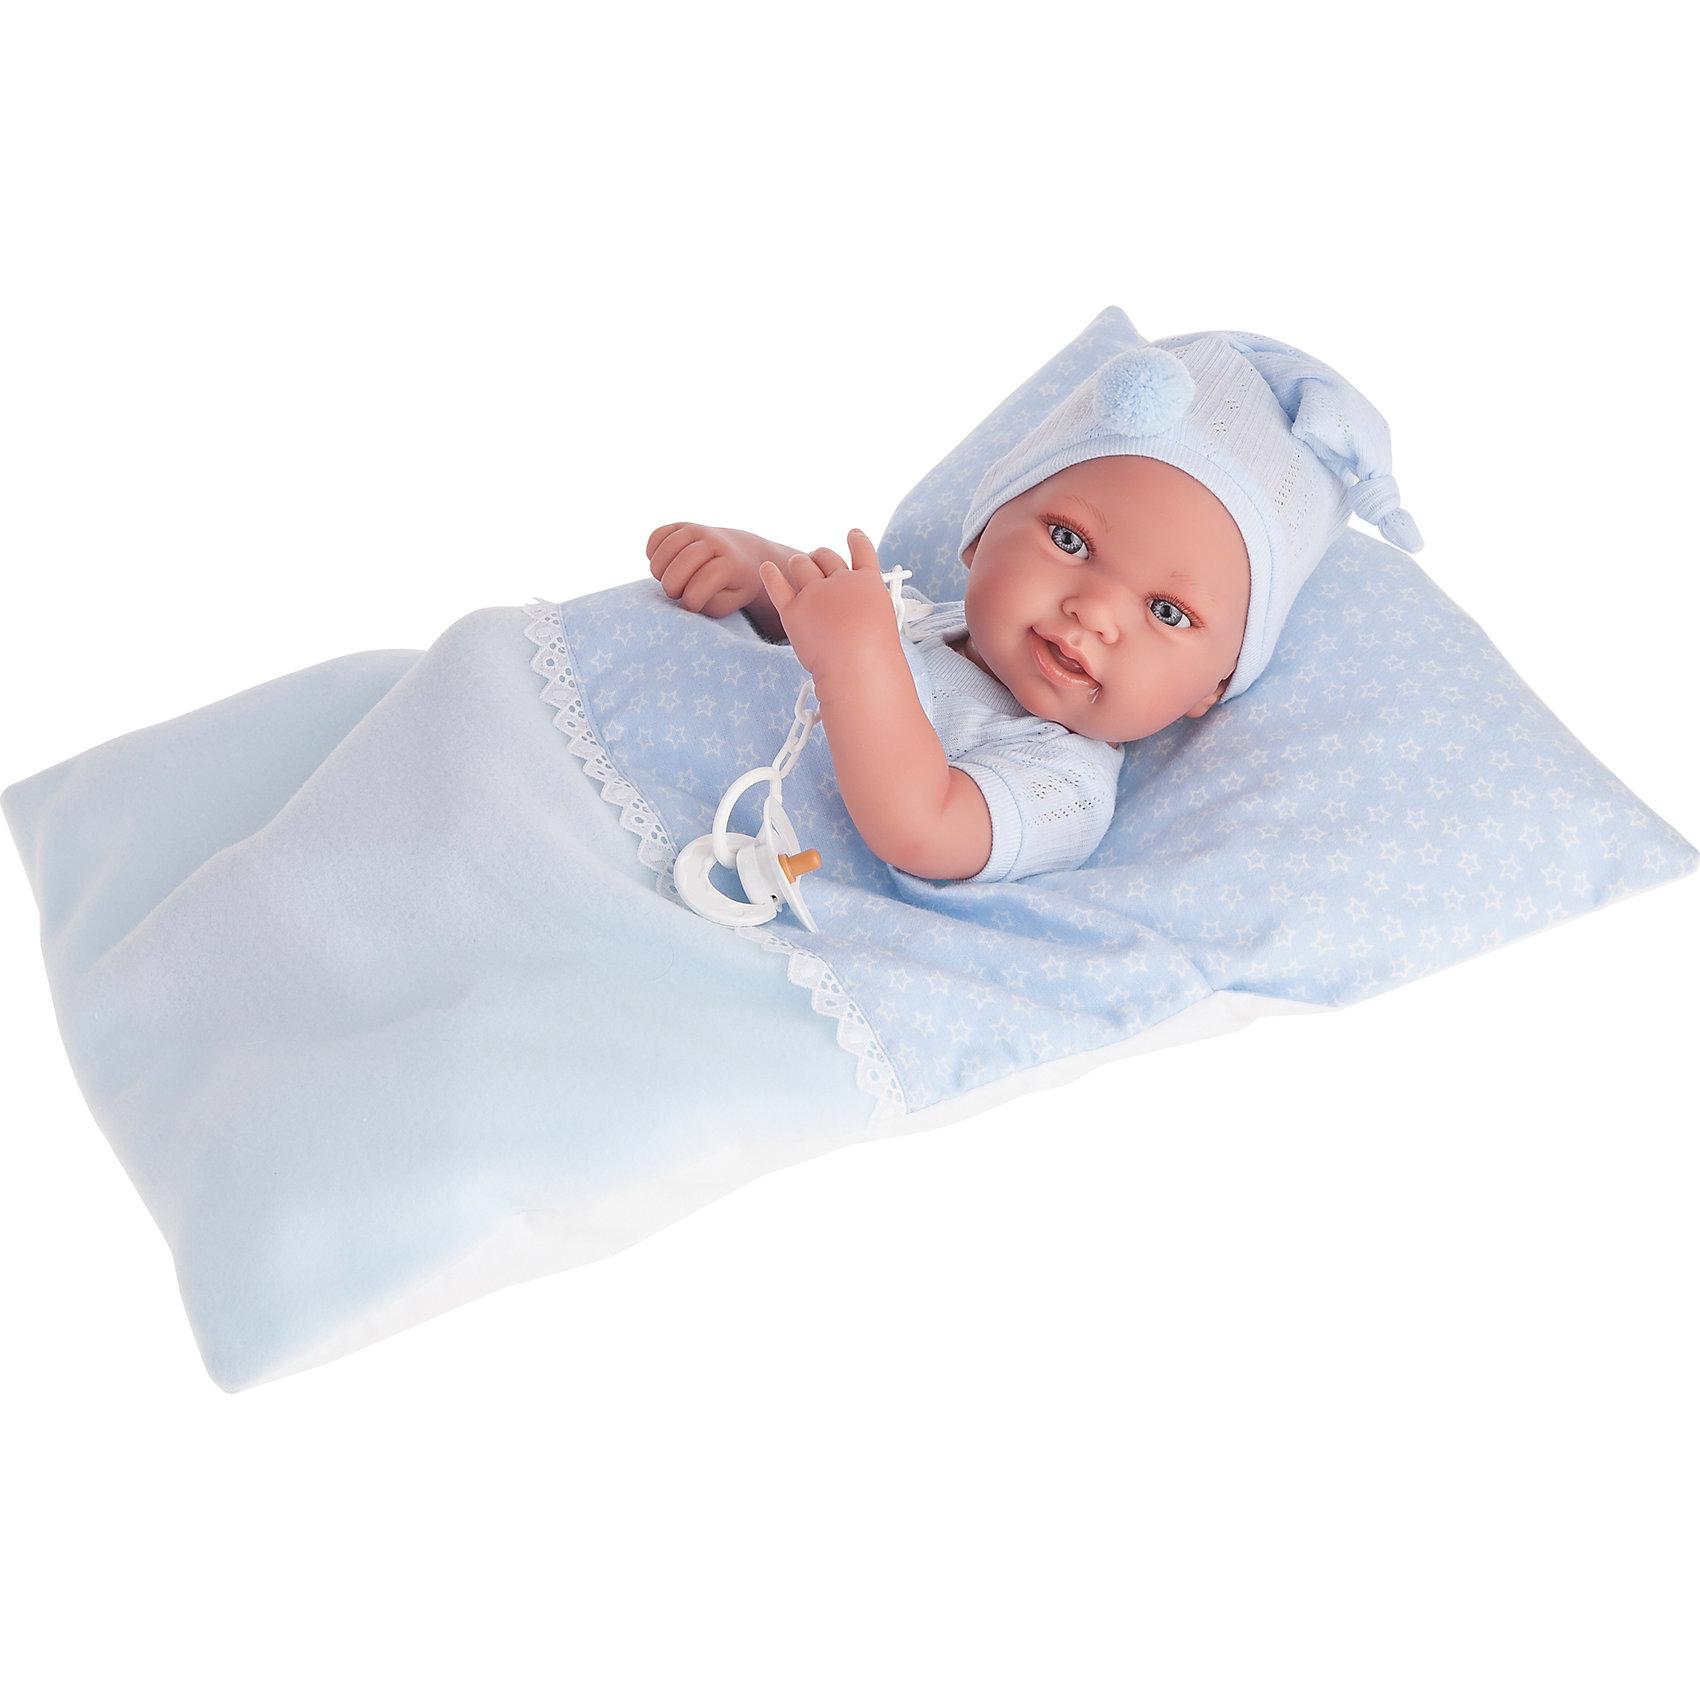 Кукла-младенец Пипо (мальчик) в голубом, 42 см, Munecas Antonio JuanКлассические куклы<br>Кукла-младенец Пипо (мальчик) в голубом, 42 см, Munecas Antonio Juan (Мунекас от Антонио Хуан) ? это очаровательный малыш от всемирно известного испанского бренда Мунекас от Антонио Хуан, который знаменит своими реалистичными куклами. Кукла изготовлена из винила высшего качества, ручки и ножки подвижны, голова поворачивается в стороны, глазки не закрываются. <br>Нежные черты лица, розовые щечки, пухленькие губки, курносый носик.  <br>Кукла-младенец Пипо (мальчик) в голубом, 42 см, Munecas Antonio Juan (Мунекас от Антонио Хуан) разработана с учетом анатомических особенностей и мимики младенцев. Играя с пупсом, ваш ребенок реалистично проживает роль «мамы», учится ухаживать за малышом, заботиться о нем.<br>У малыша Оли стильный наряд: голубой комплект одежды, варежки-антицарапки, белое одеяльце.<br>Куклы JUAN ANTONIO munecas (Мунекас от Антонио Хуан) ? мечта девочки любого возраста!<br><br>Дополнительная информация:<br><br>- Вид игр: сюжетно-ролевые игры <br>- Комплектация: варежки-антицарапки, одеяльце, соска<br>- Материал: винил, текстиль<br>- Высота куклы: 42 см<br>- Вес: 5 кг 625 г<br>- Особенности ухода: одежда ? ручная стирка, куклу можно купать <br><br>Подробнее:<br><br>• Для детей в возрасте: от 3 лет и до 6 лет<br>• Страна производитель: Испания<br>• Торговый бренд: JUAN ANTONIO munecas <br><br>Куклу-младенца Пипо (мальчик) в голубом, 42 см, Munecas Antonio Juan (Мунекас от Антонио Хуан) (Мунекас от Антонио Хуан) можно купить в нашем интернет-магазине.<br><br>Ширина мм: 505<br>Глубина мм: 265<br>Высота мм: 160<br>Вес г: 5625<br>Возраст от месяцев: 36<br>Возраст до месяцев: 72<br>Пол: Женский<br>Возраст: Детский<br>SKU: 4792895